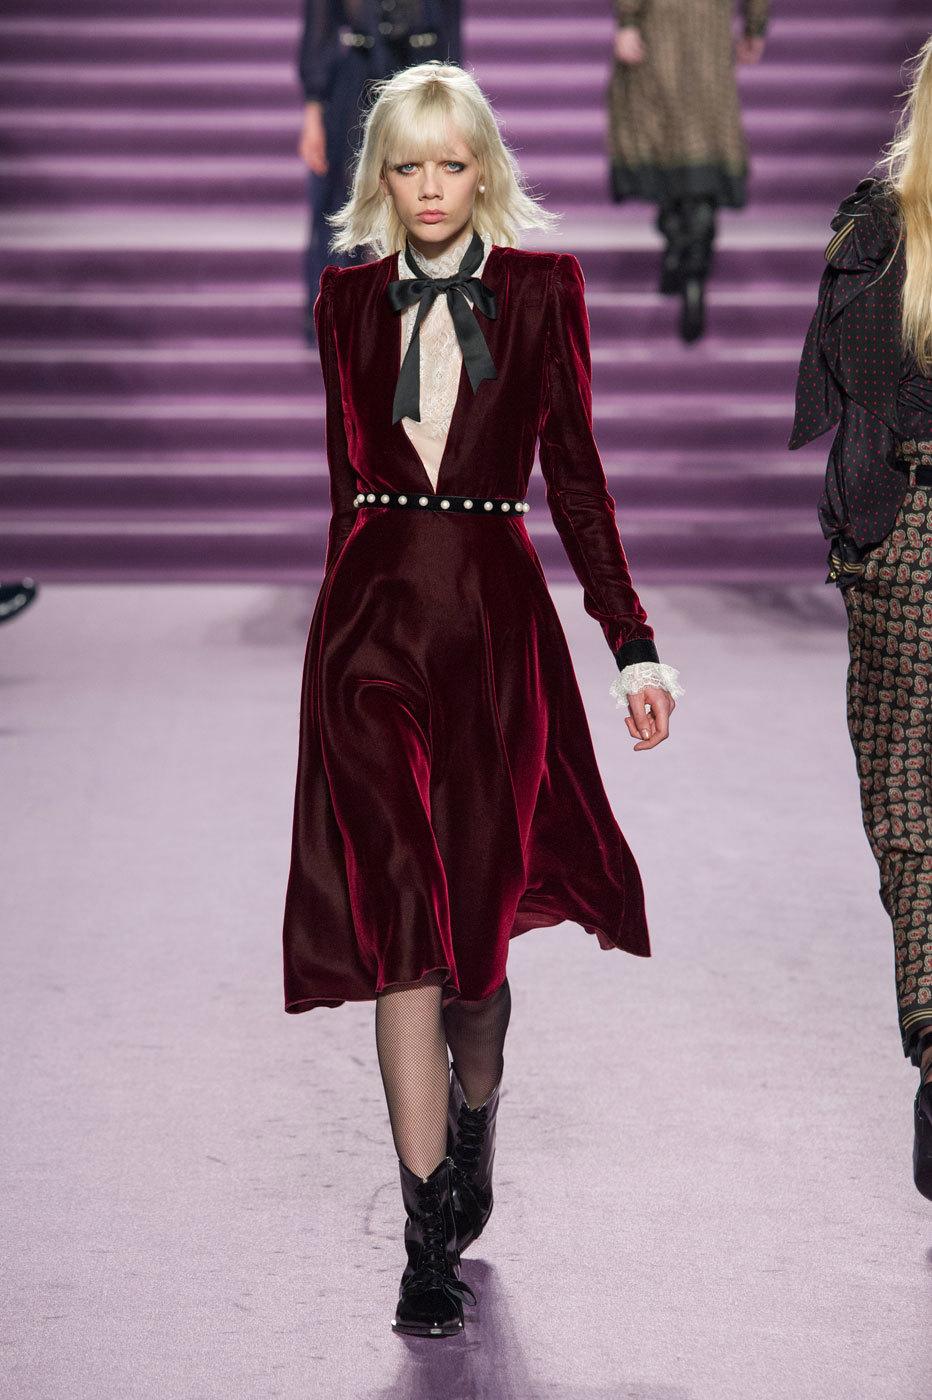 Ben noto Moda autunno inverno 2016 - 2017: vestiti di velluto LQ32